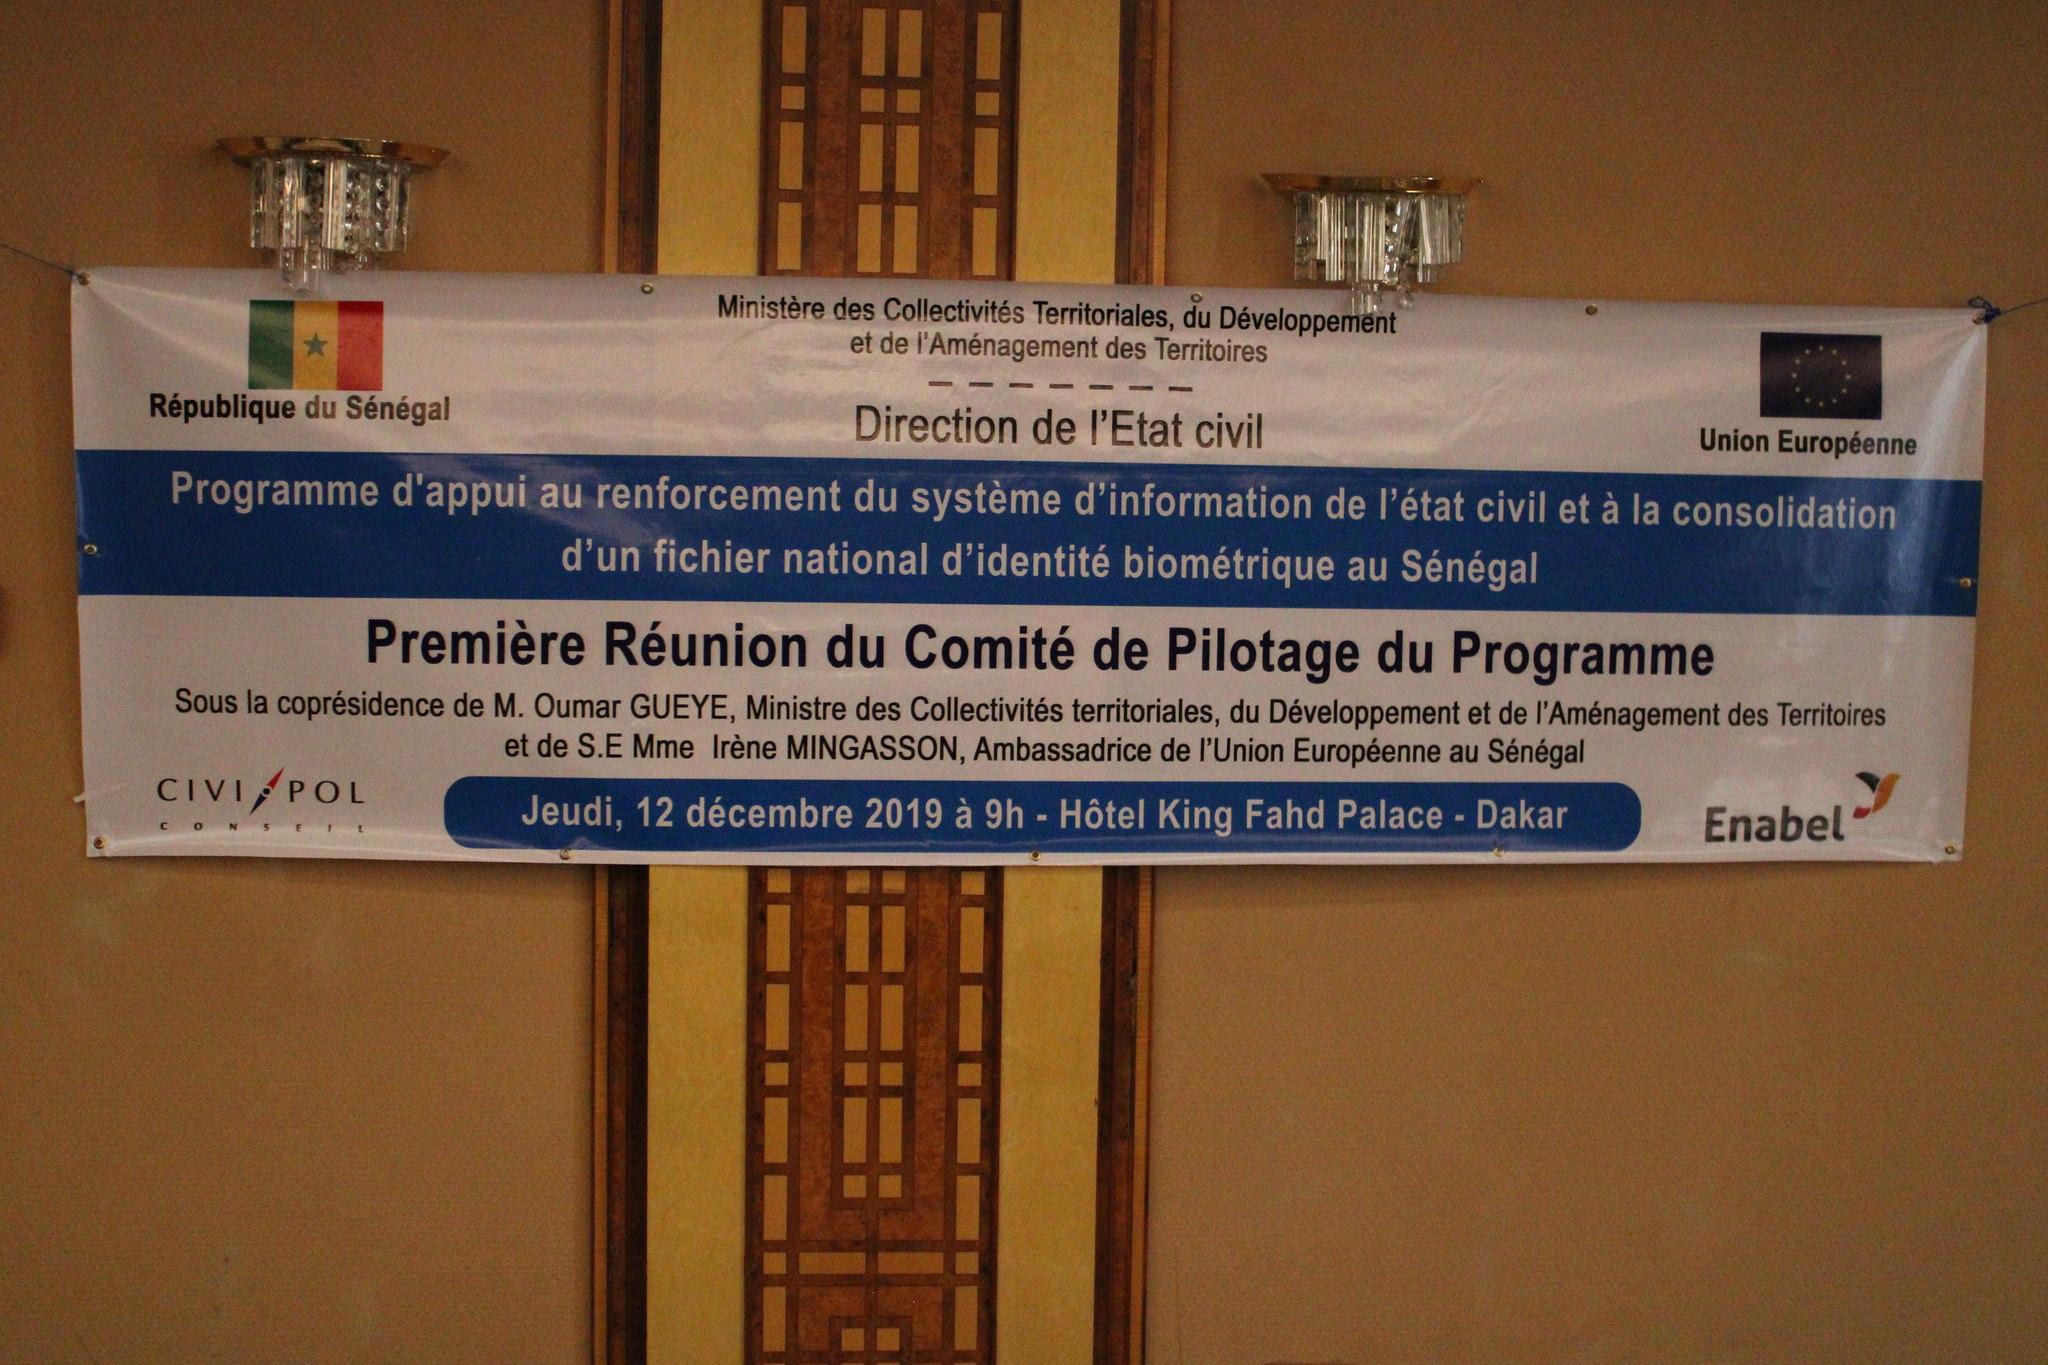 Programme Direction Etat Civil, Modernisation de l'Etat Civil au Sénégal, Aliou Ousmane Sall Directeur de l'Etat Civil Sénégal (7)